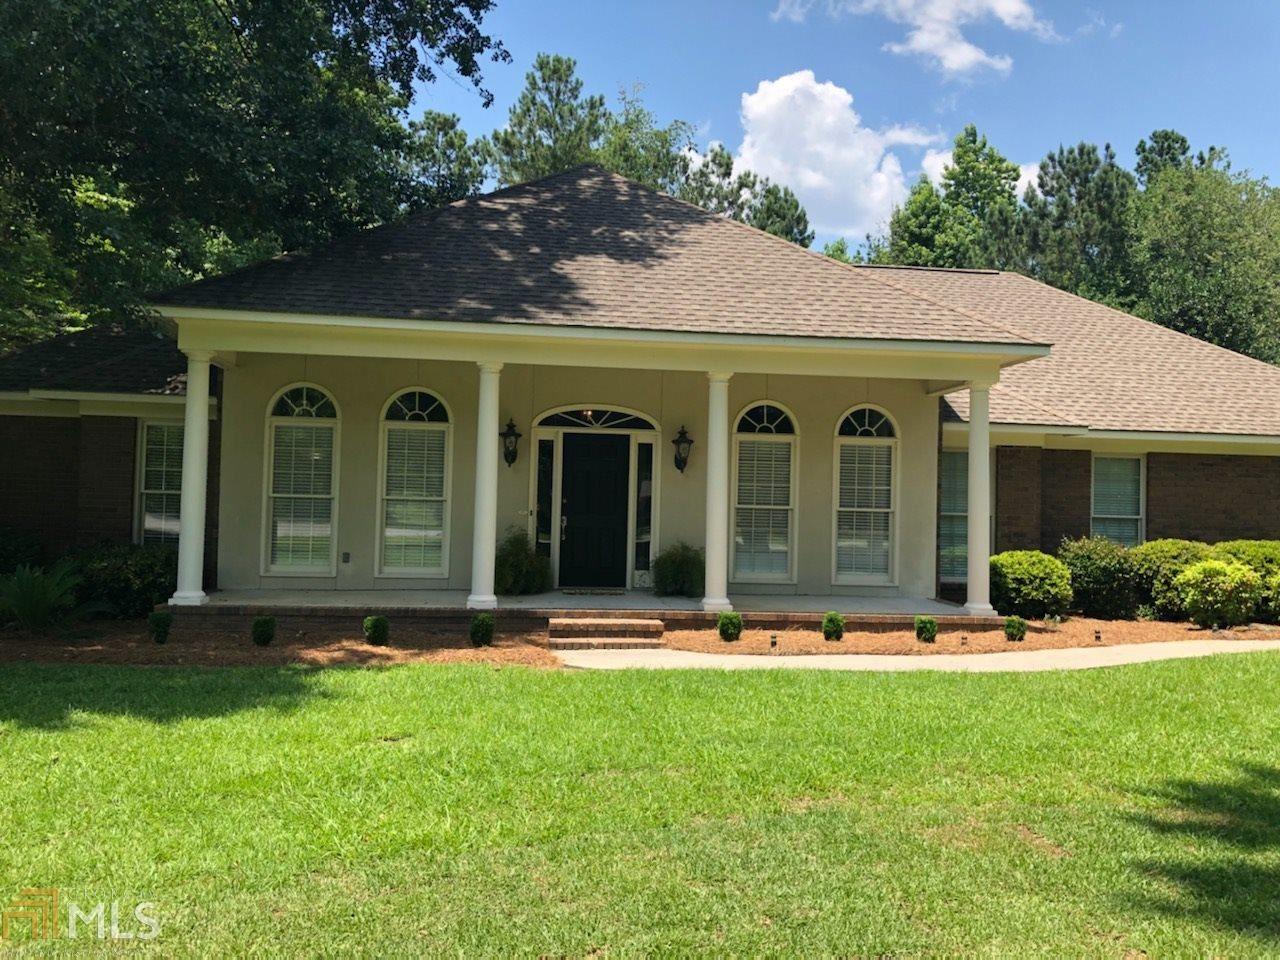 230 Magnolia Pl, Statesboro, GA 30461 - #: 8906849